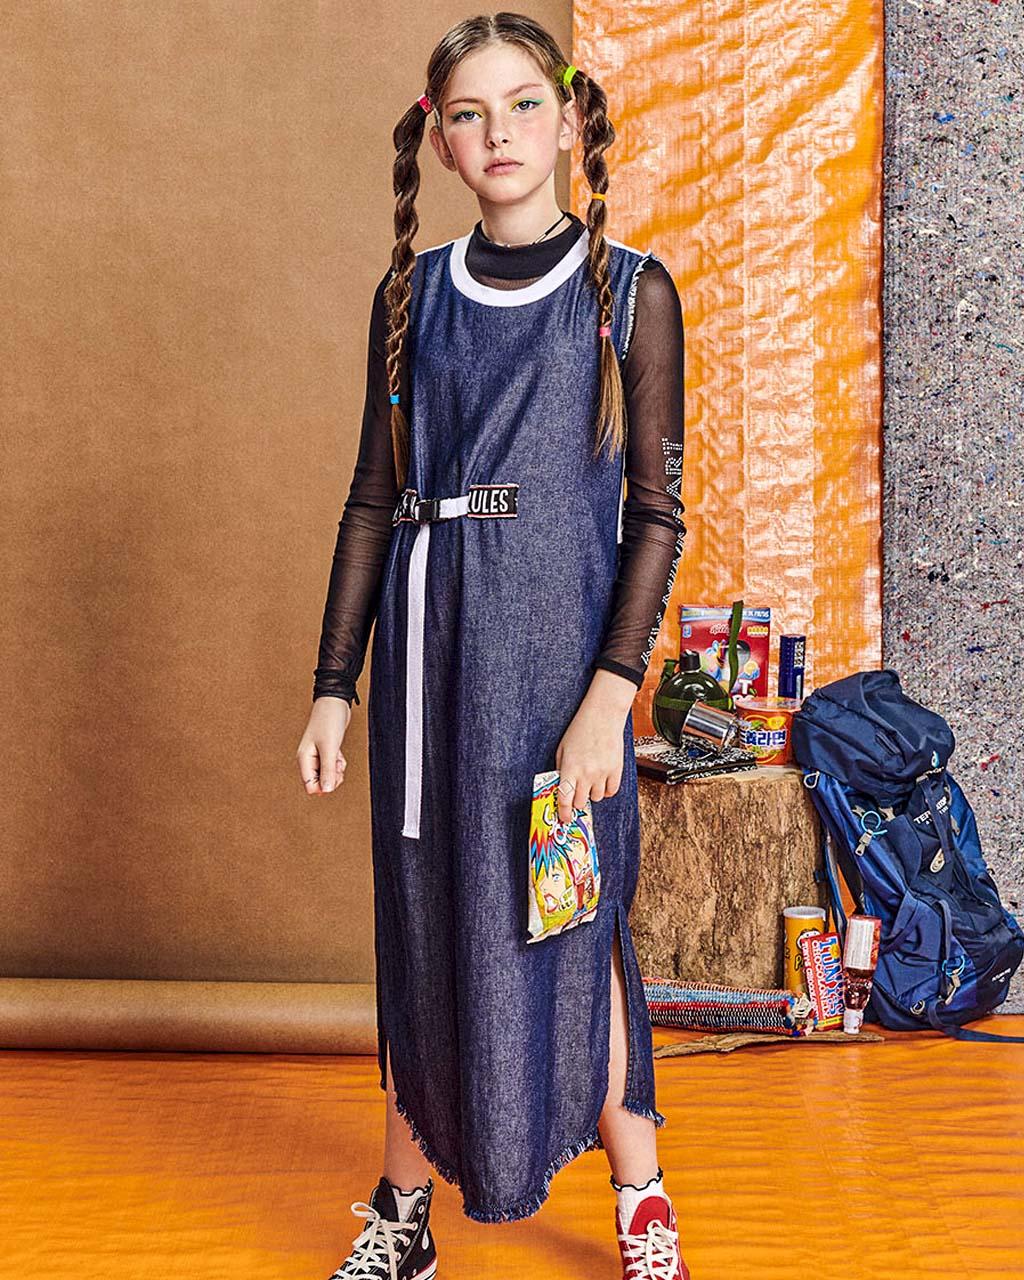 Vestido Jeans Teen Detalhe Cinto Trava de Mochila I Am